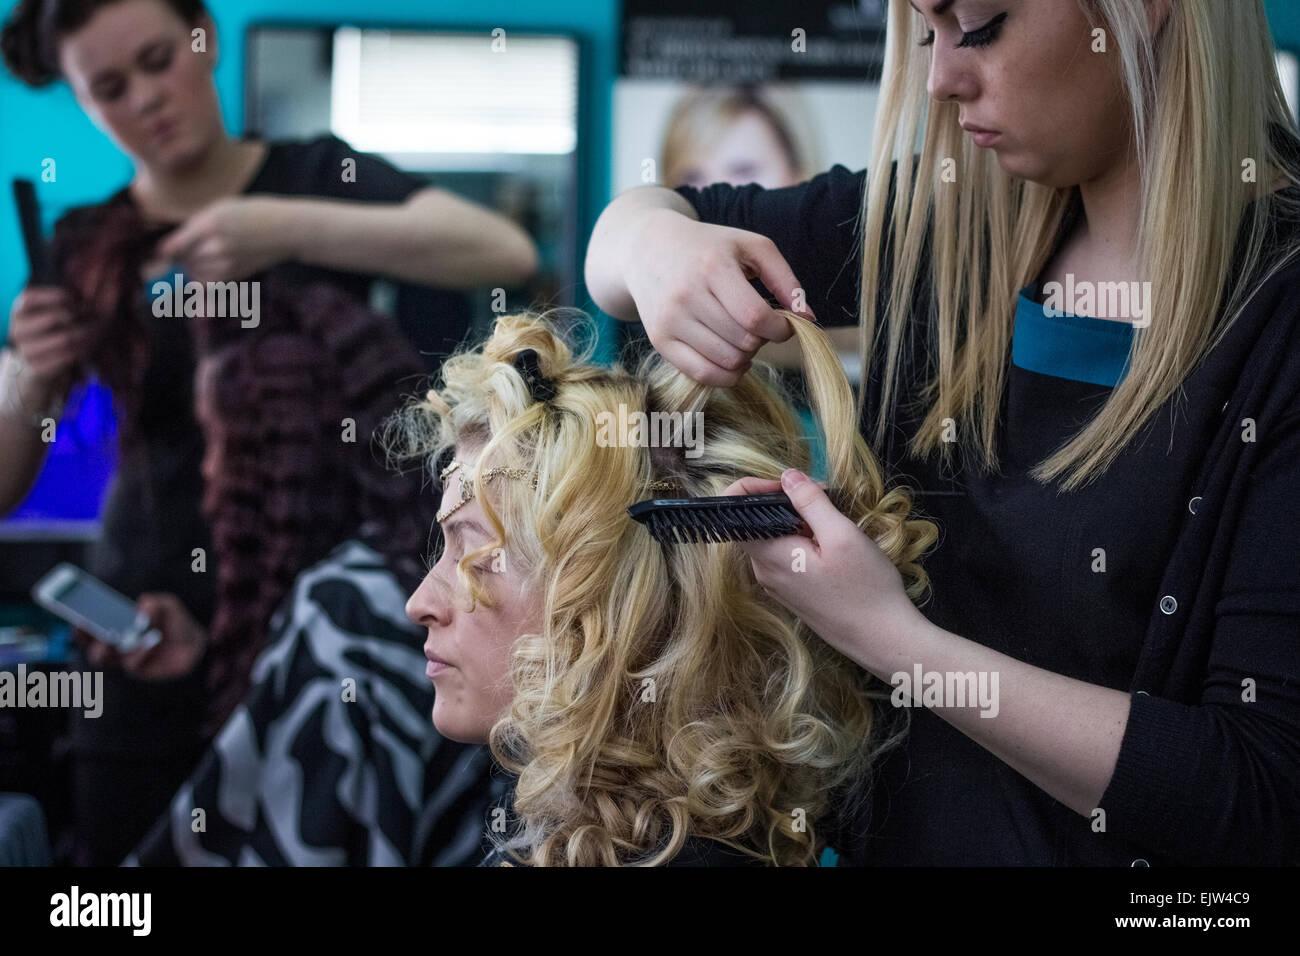 Trabajar en un salón de peluquería en uniforme en modelos femeninos con el pelo rizado, una rubia y una Imagen De Stock